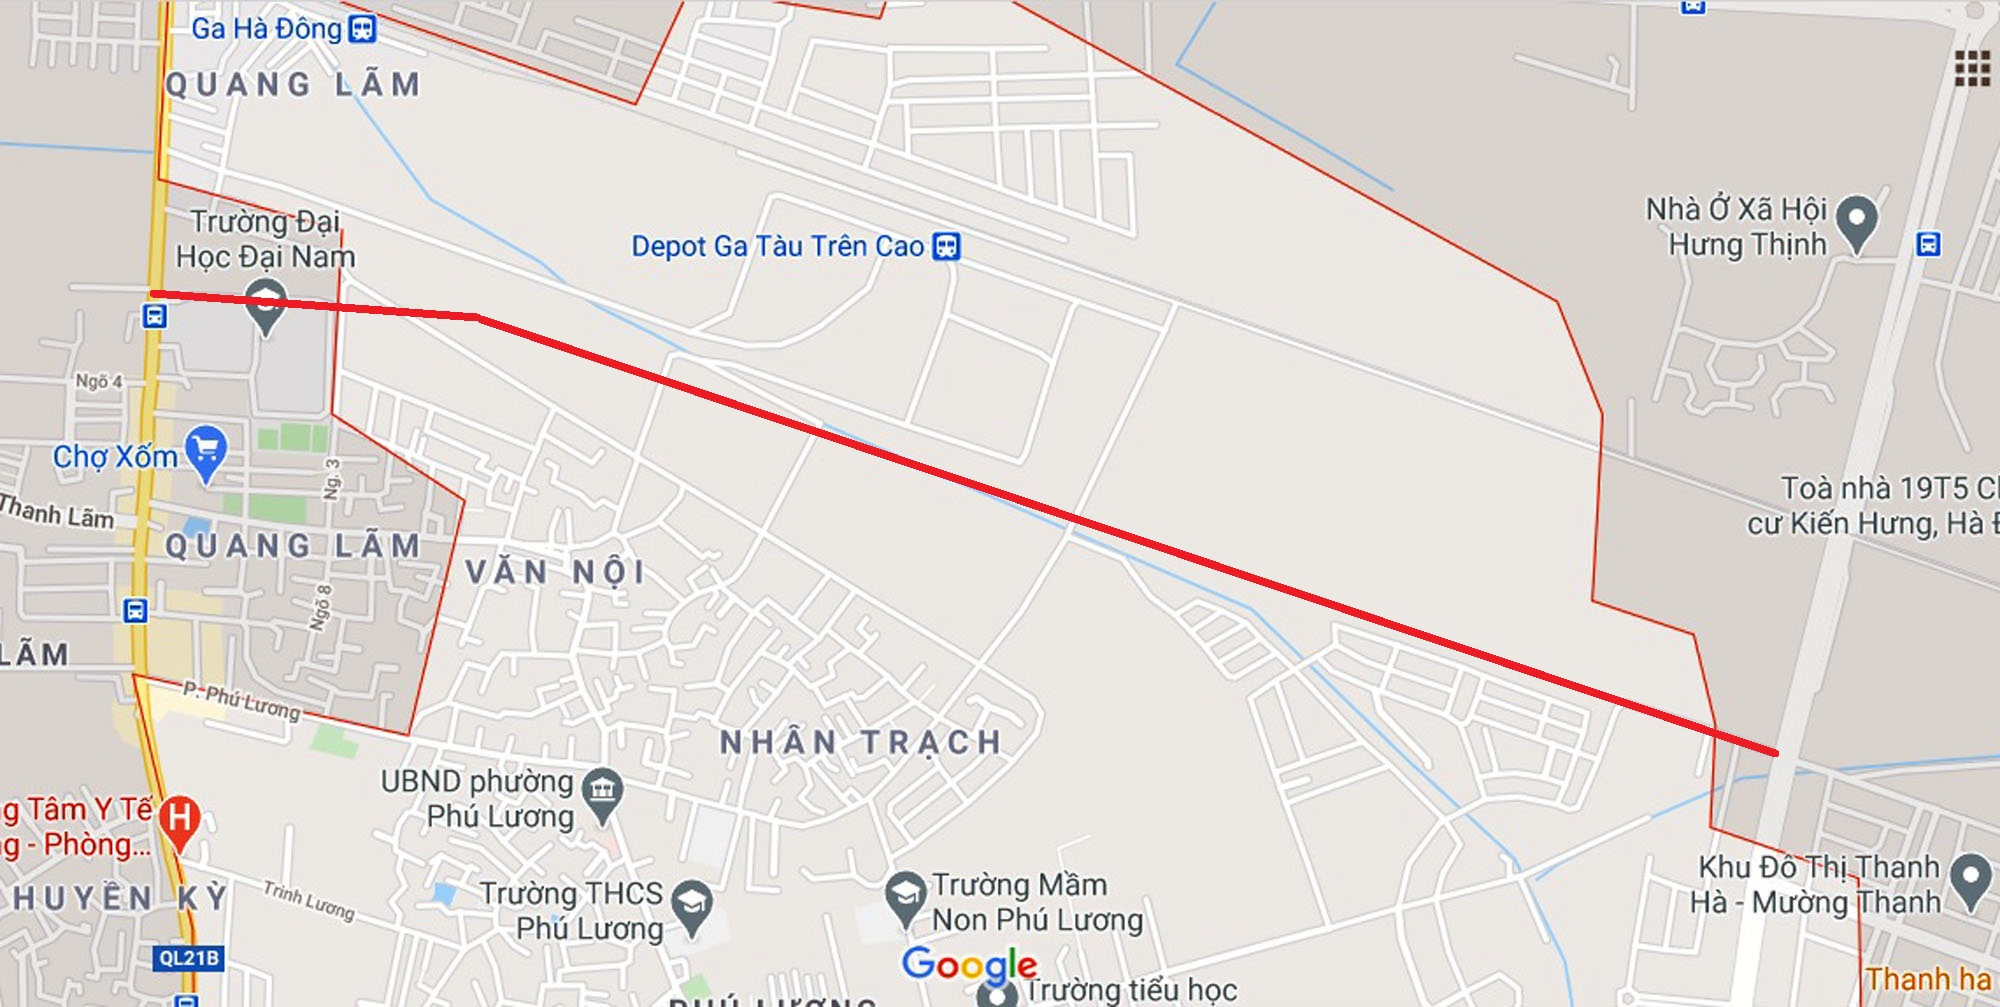 Sơ đồ tuyến đường từ khu đô thị Thanh Hà đến QL21B. (Nguồn ảnh: Google).